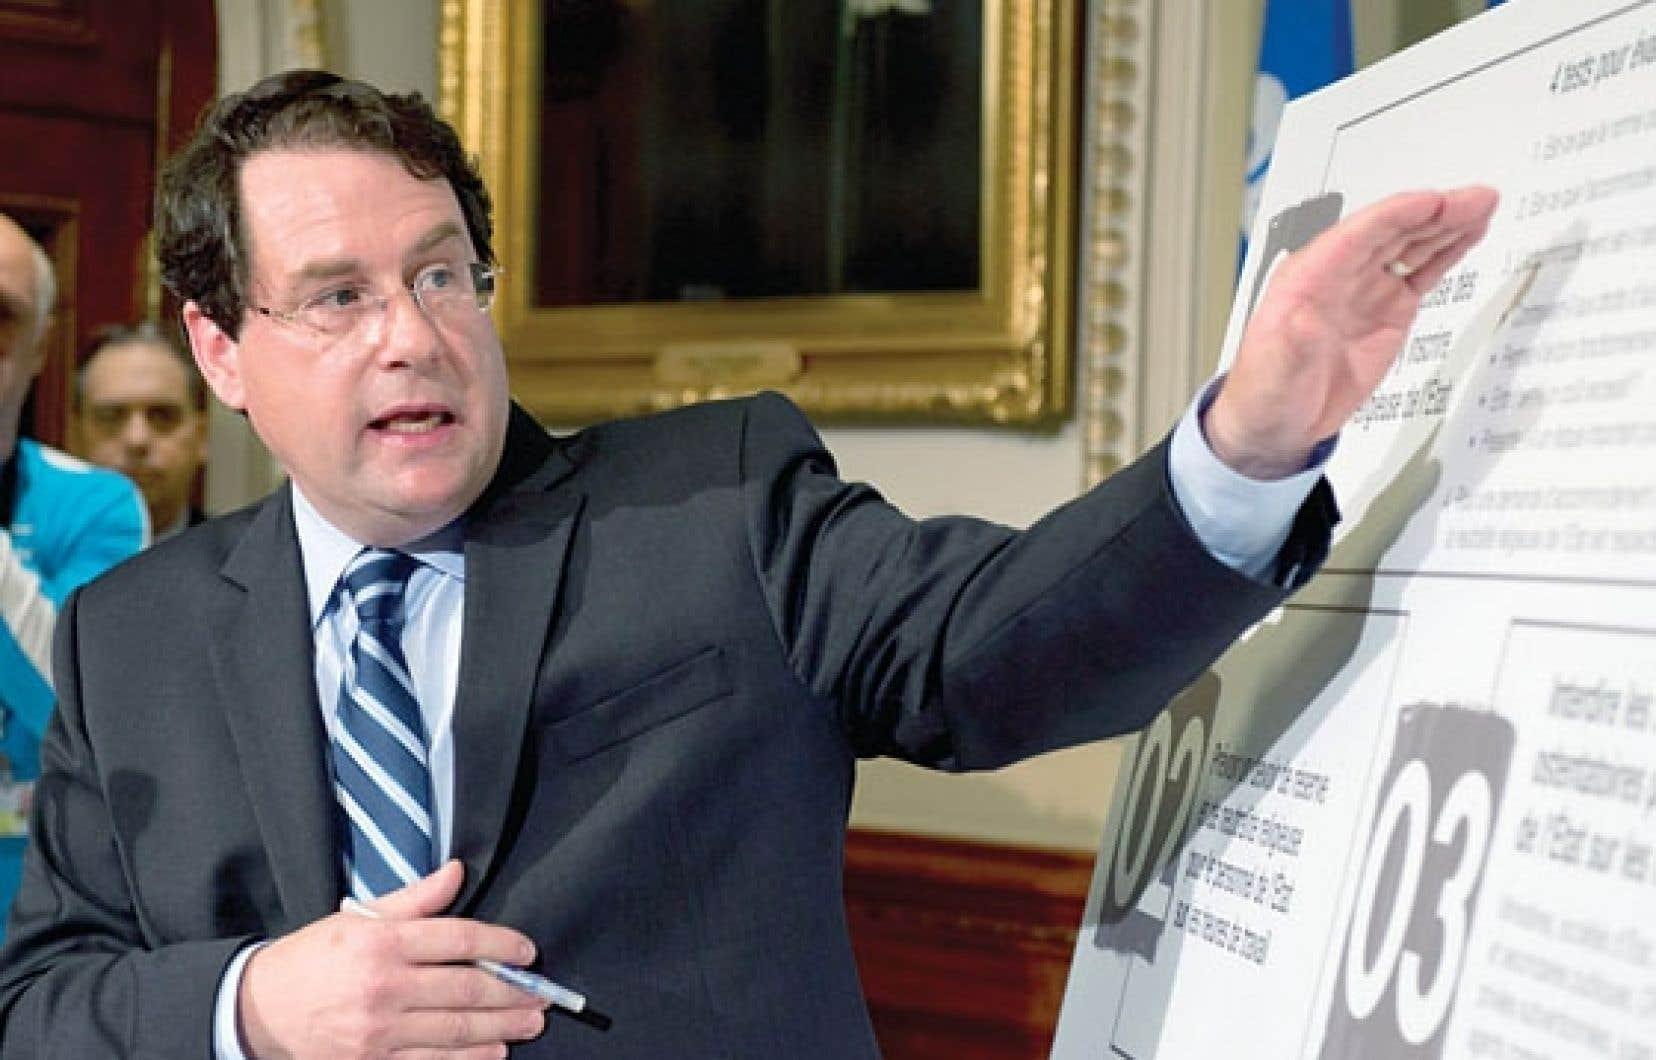 Bernard Drainville résume les cinq propositions contenues dans le projet de Charte des valeurs québécoises du gouvernement.